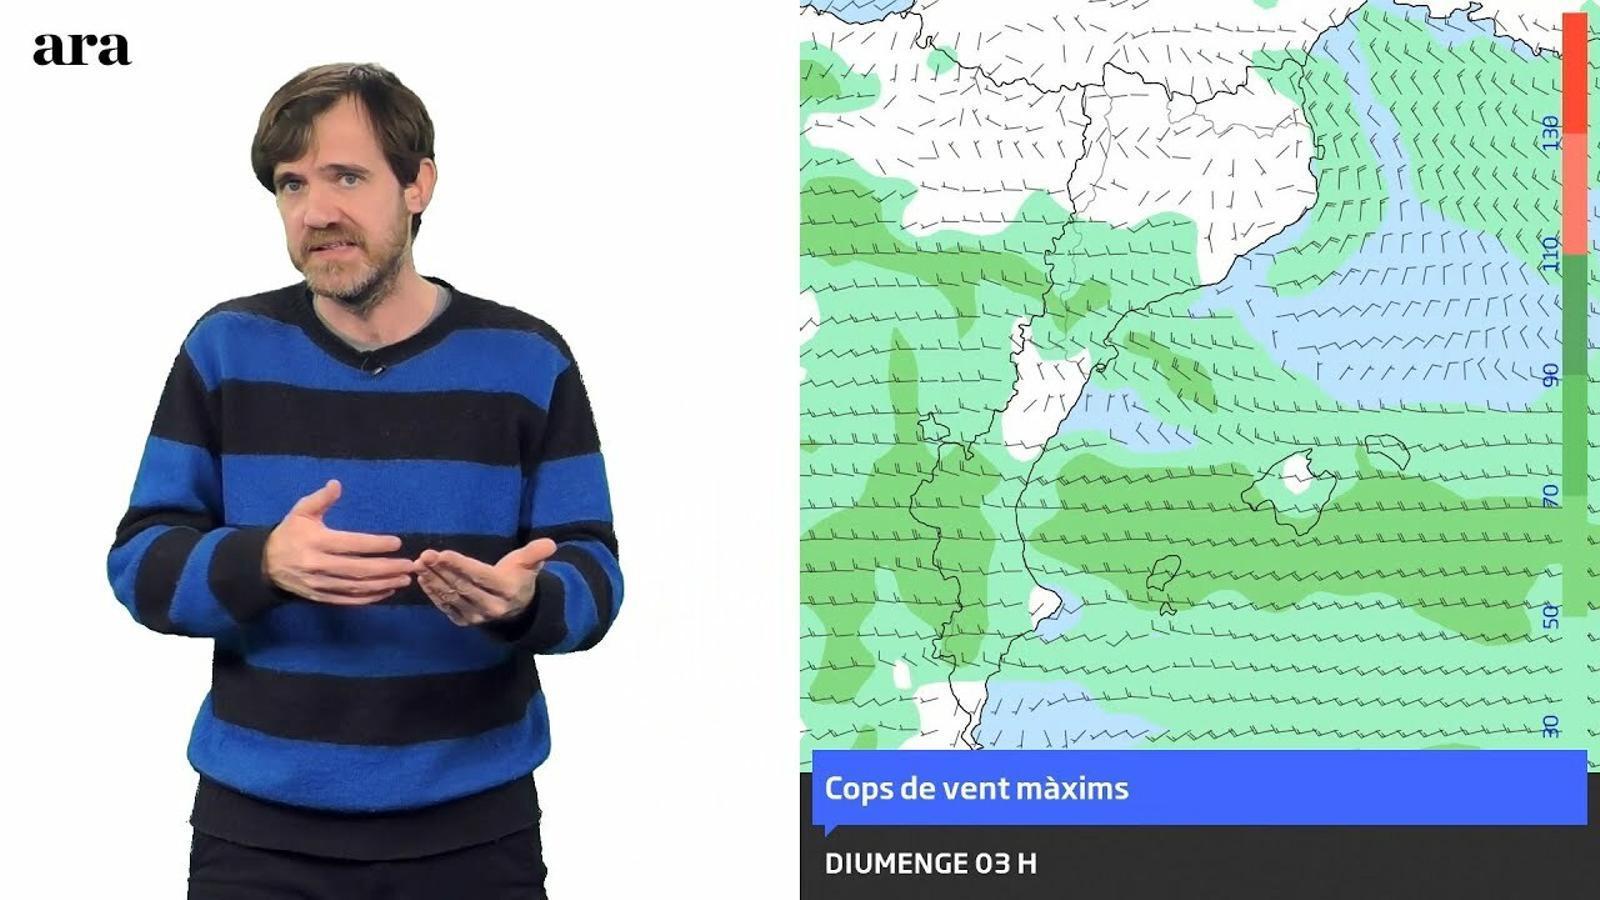 La méteo: cap de setmana ventós a l'espera de pluges i nevades